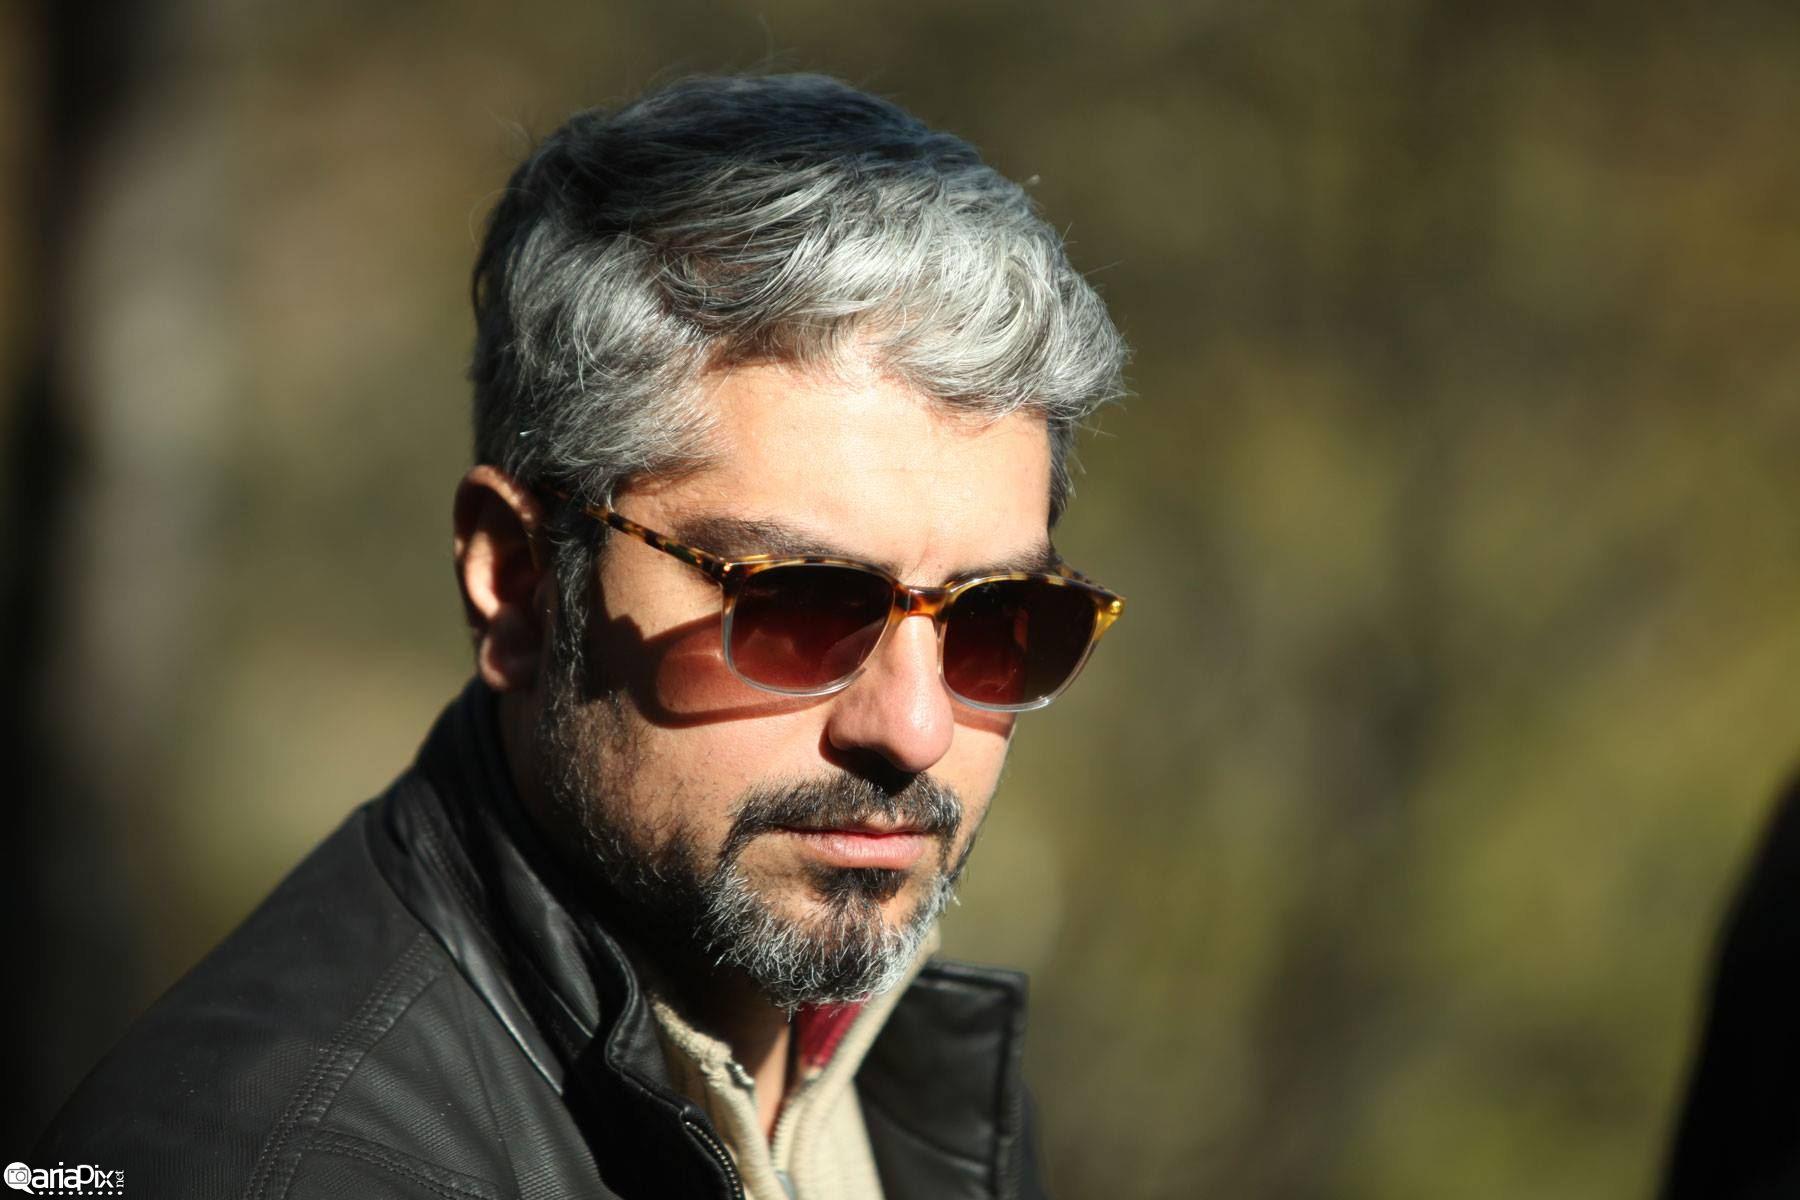 تبریک زیبای حسین پاکدل به برادرش مهدی پاکدل در اینستاگرام!+تصاویر